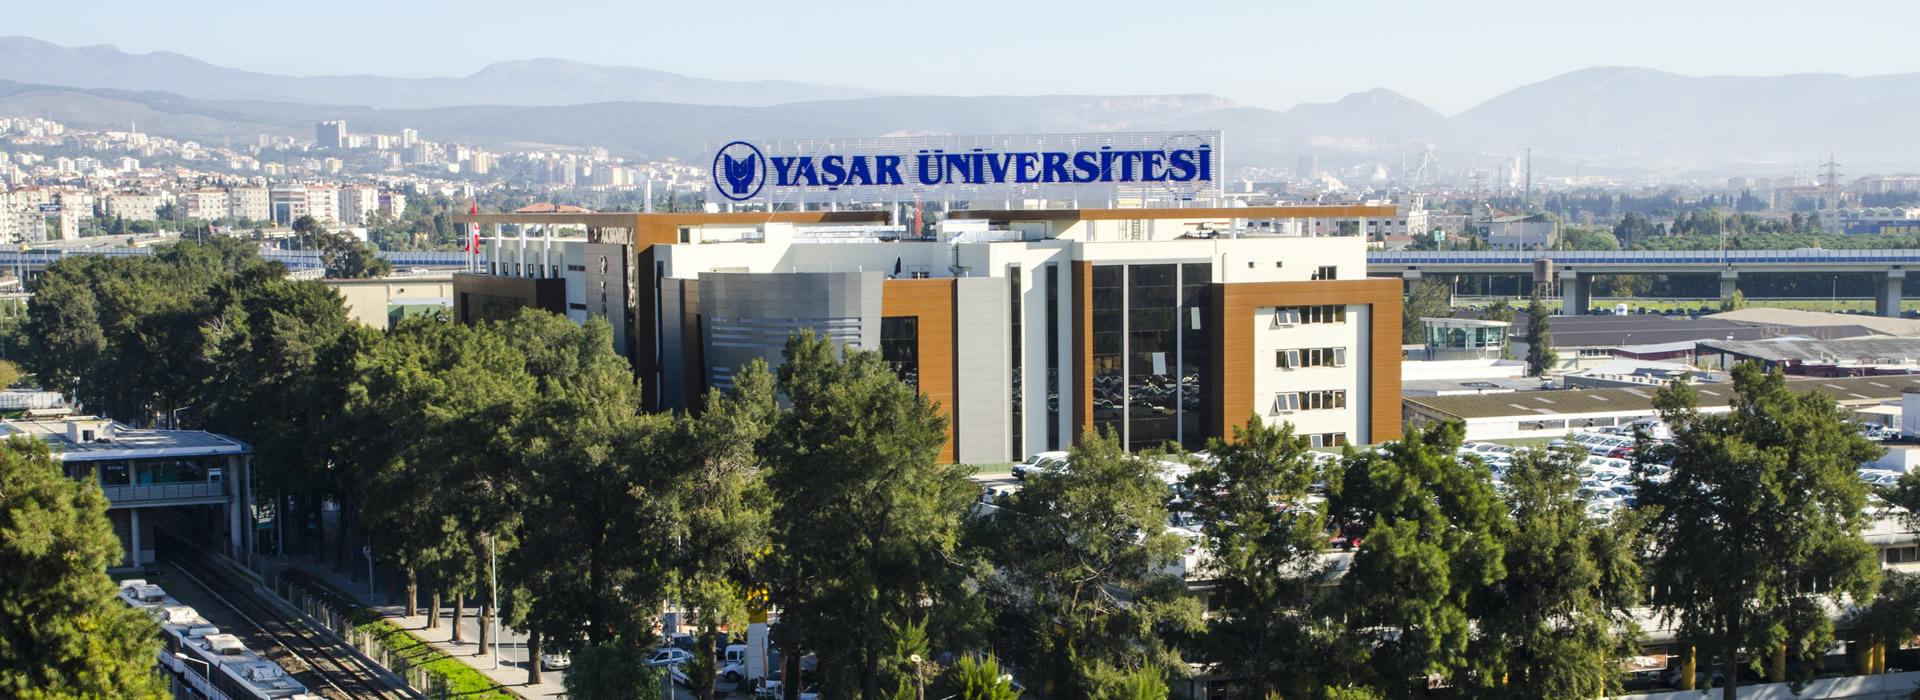 Yaşar Üniversitesi Ücretler